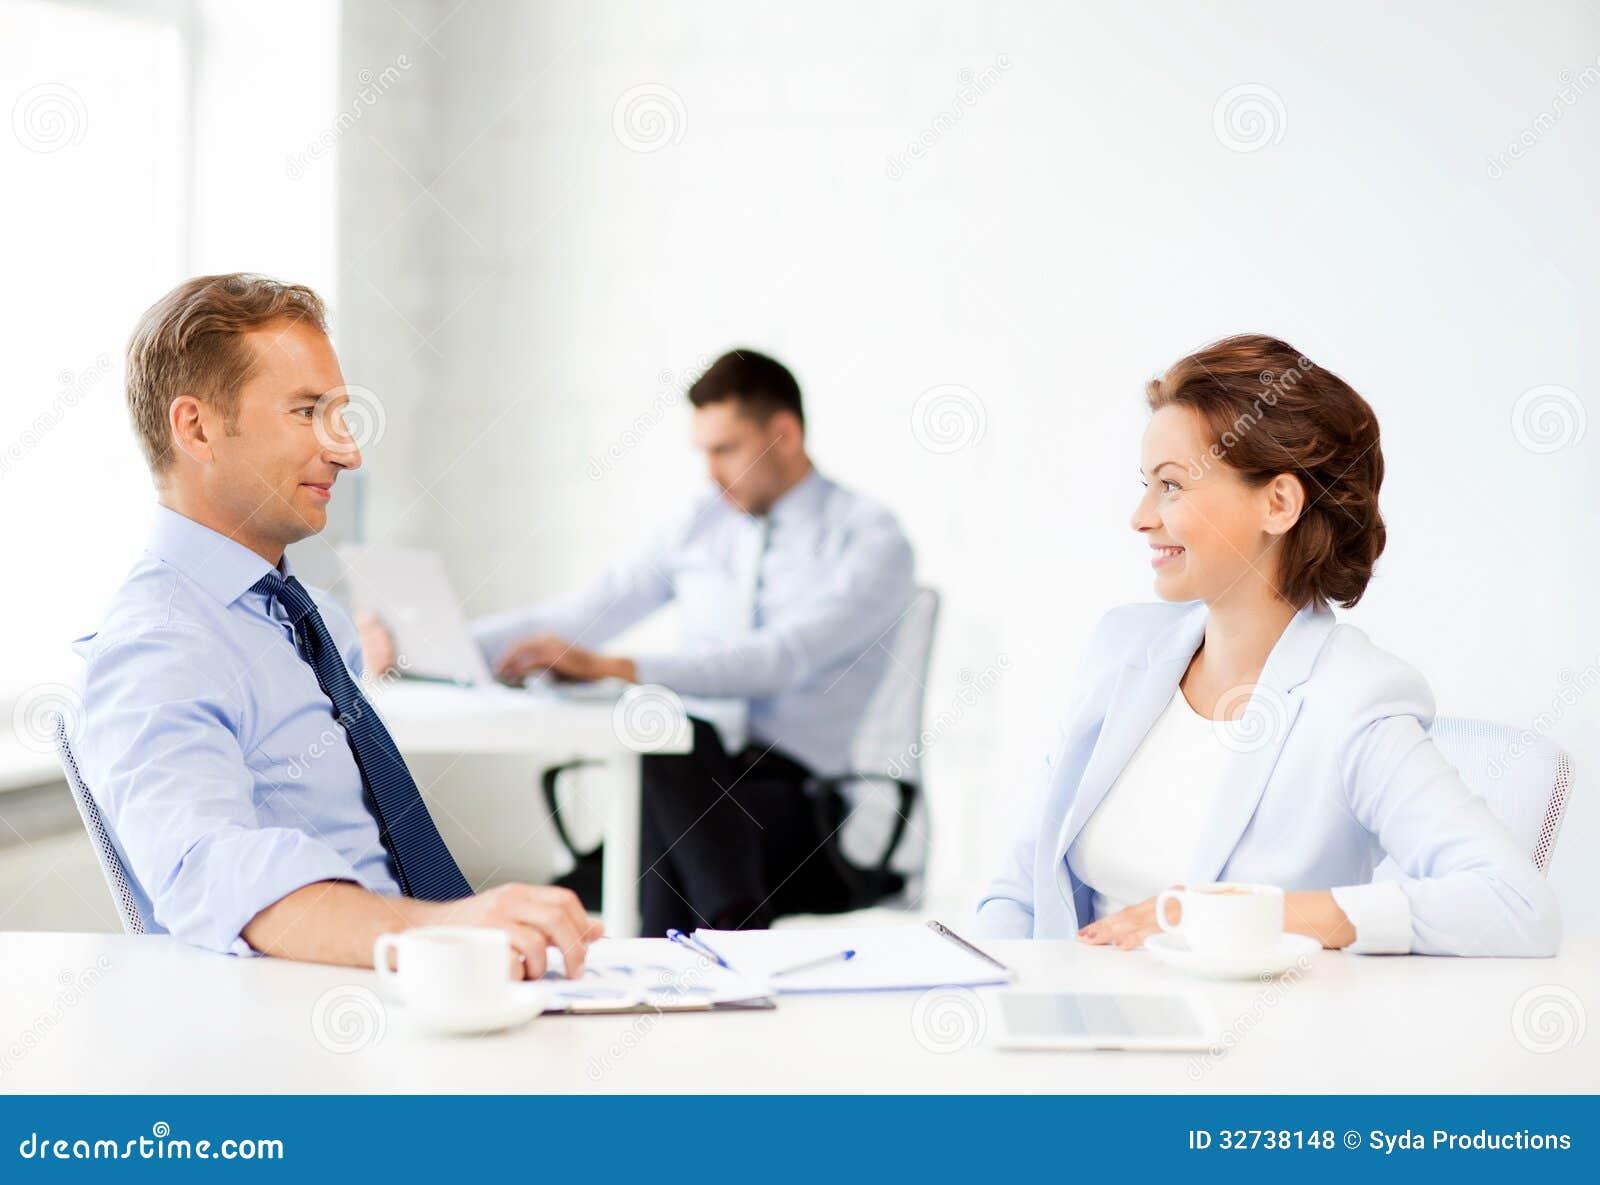 homme et femme discutant quelque chose dans le bureau photo stock image 32738148. Black Bedroom Furniture Sets. Home Design Ideas